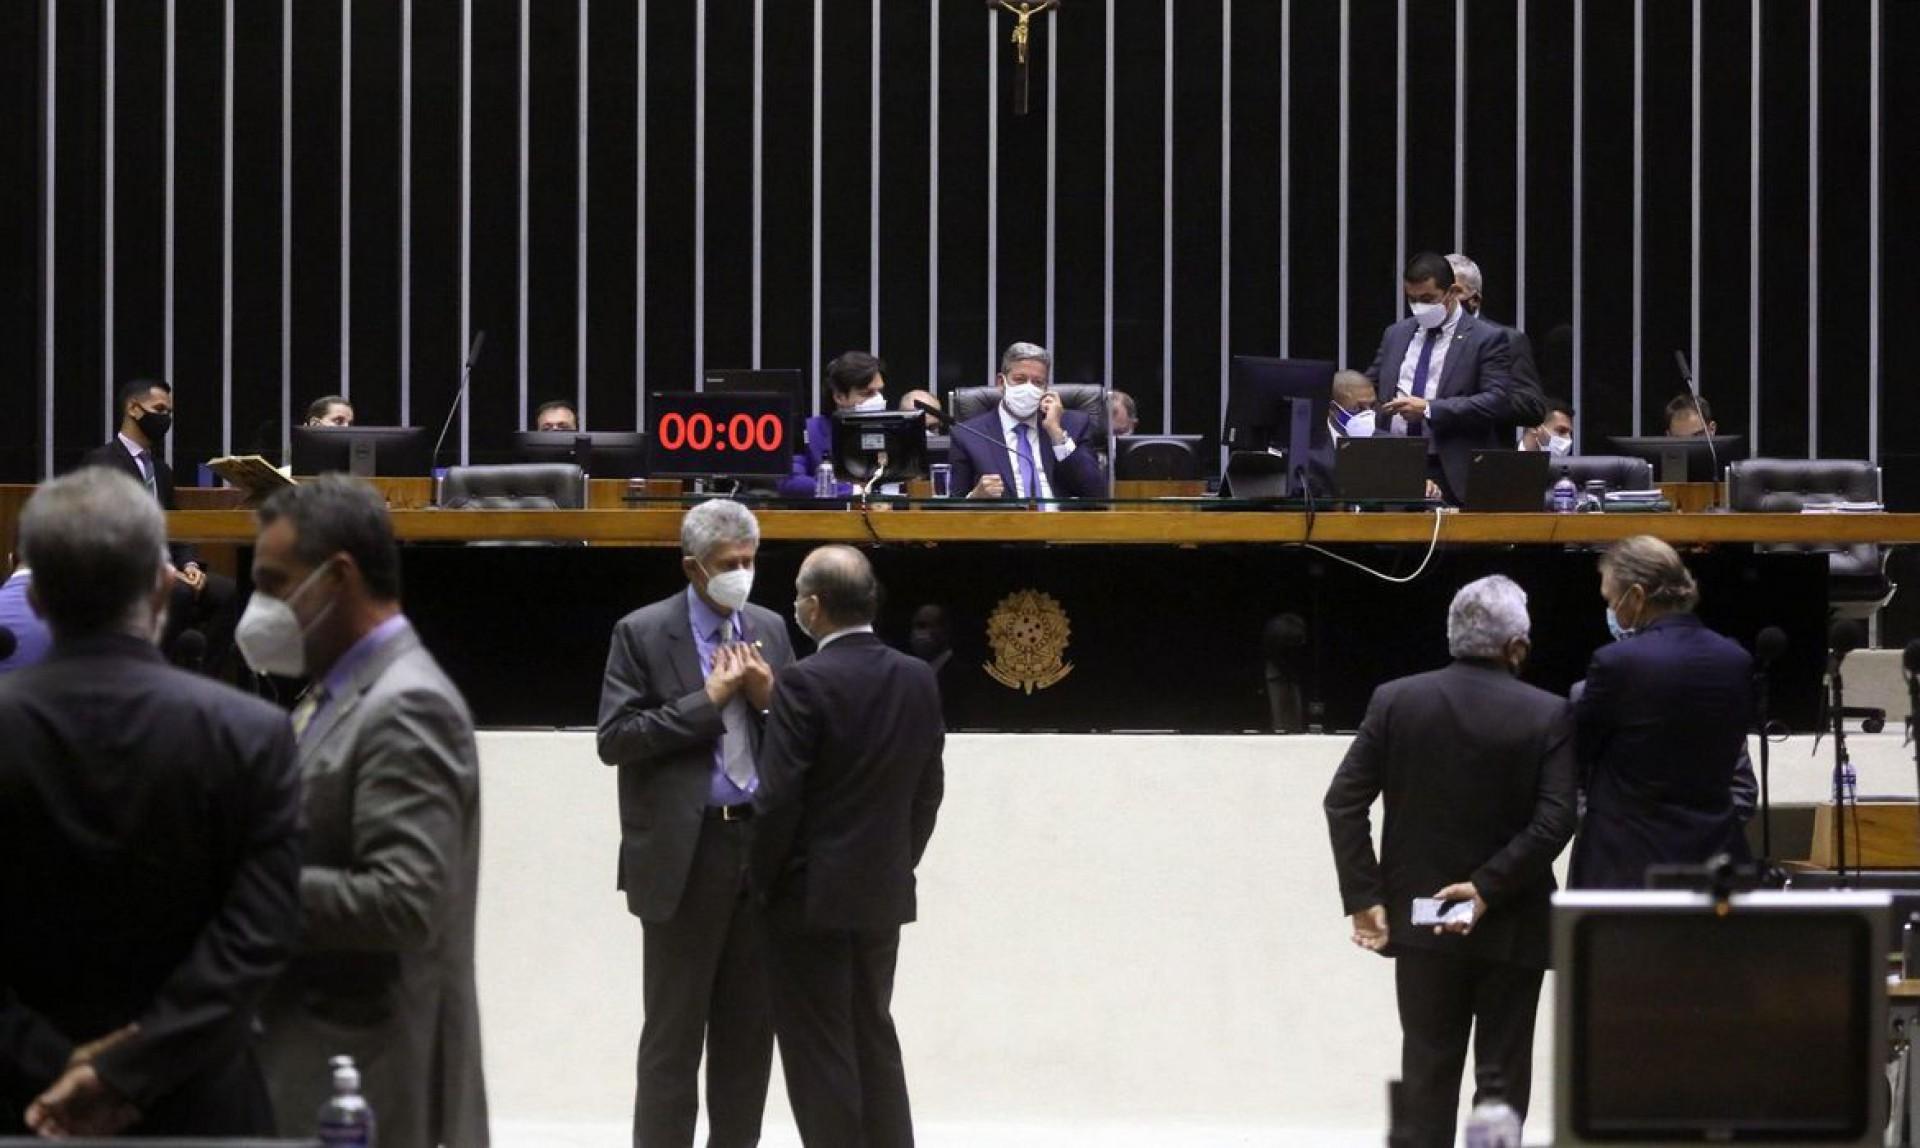 Câmara pode votar punição para quem divulgar imagens que promovam violência no trânsito